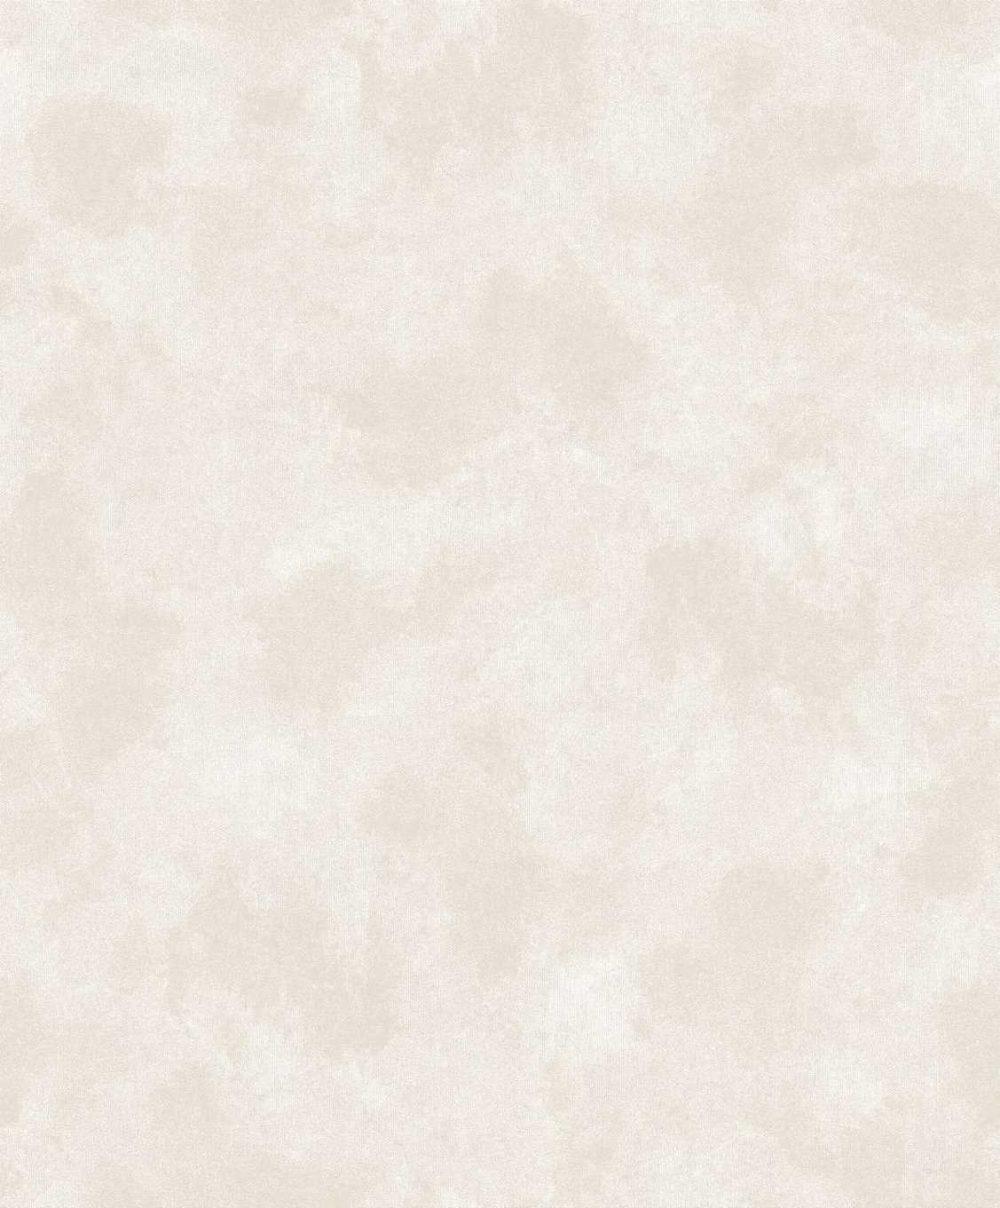 کاغذ دیواری Manor کد ۱۲۰۵